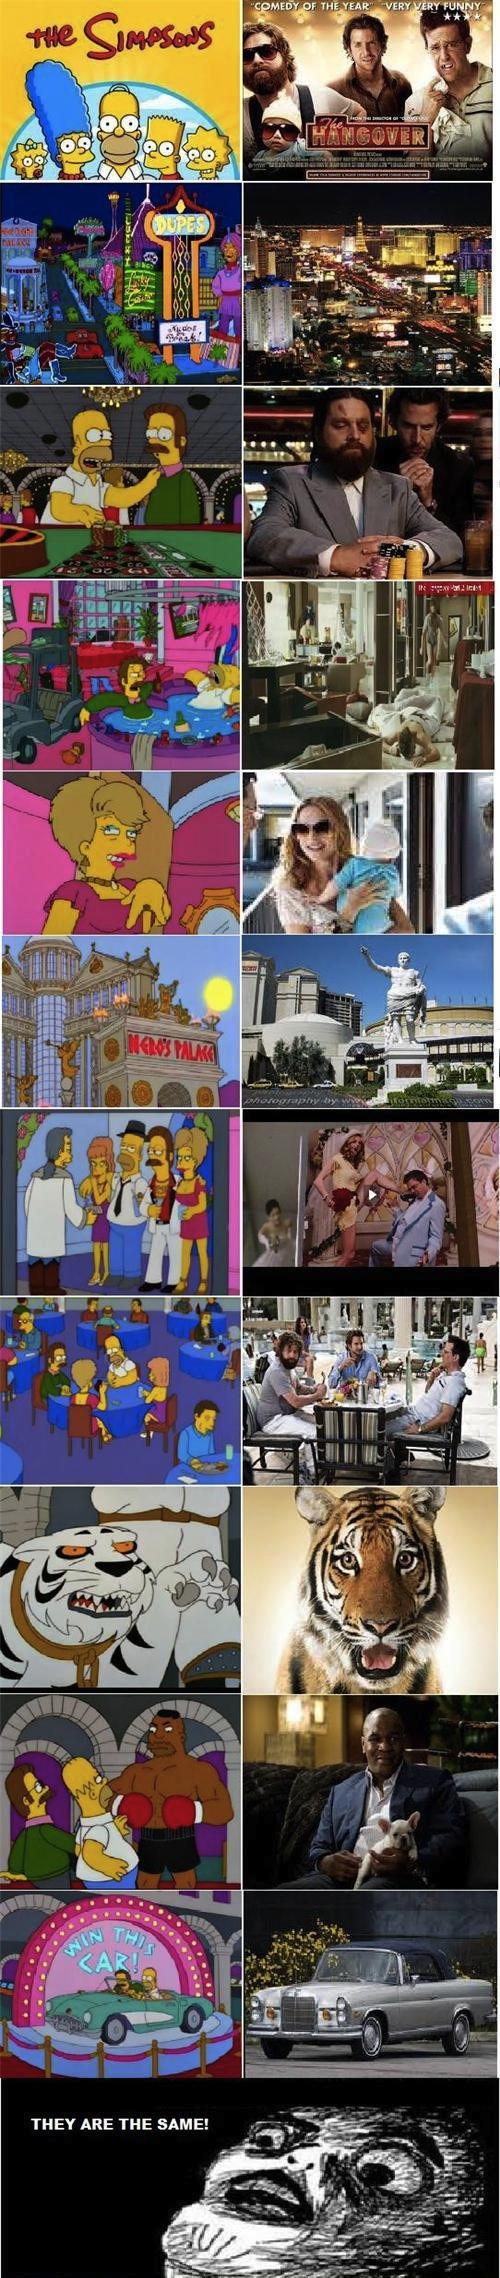 The Hangover y Los Simpson